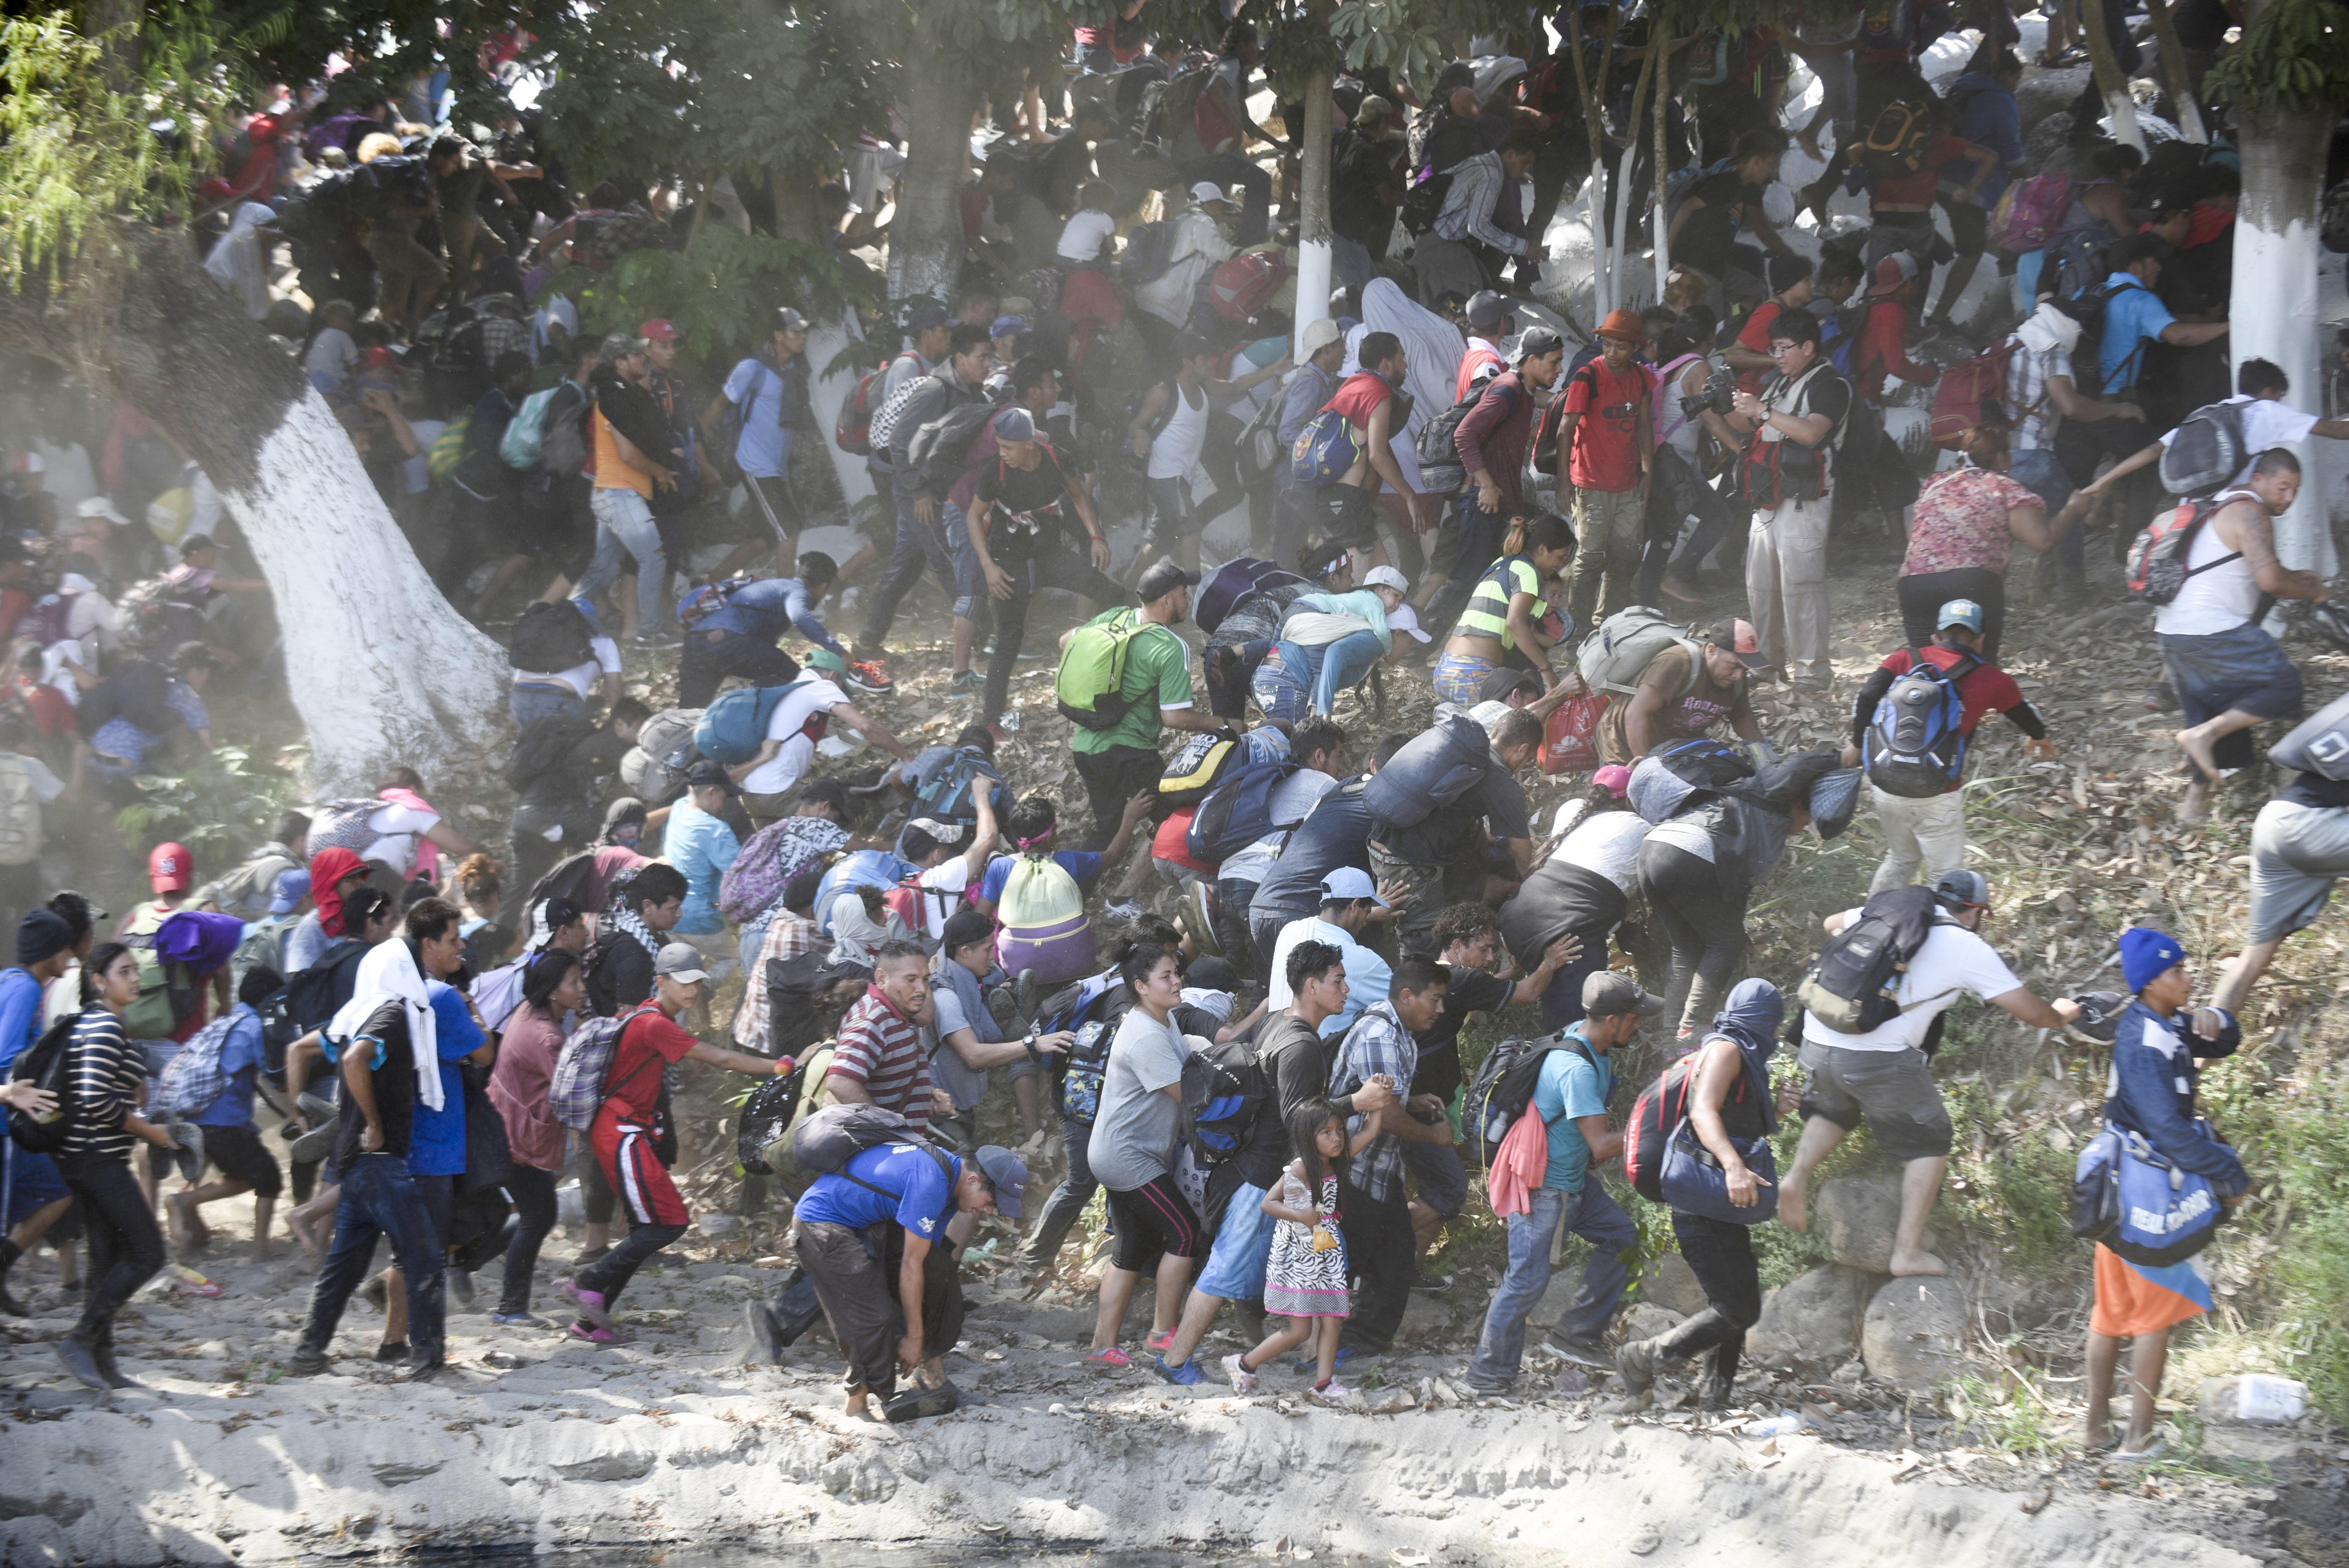 Se reportan al menos cien personas detenidas por la Guardia Nacional después de que intentaran cruzar la frontera por la fuerza (Foto: Johan Ordoñez/AFP)